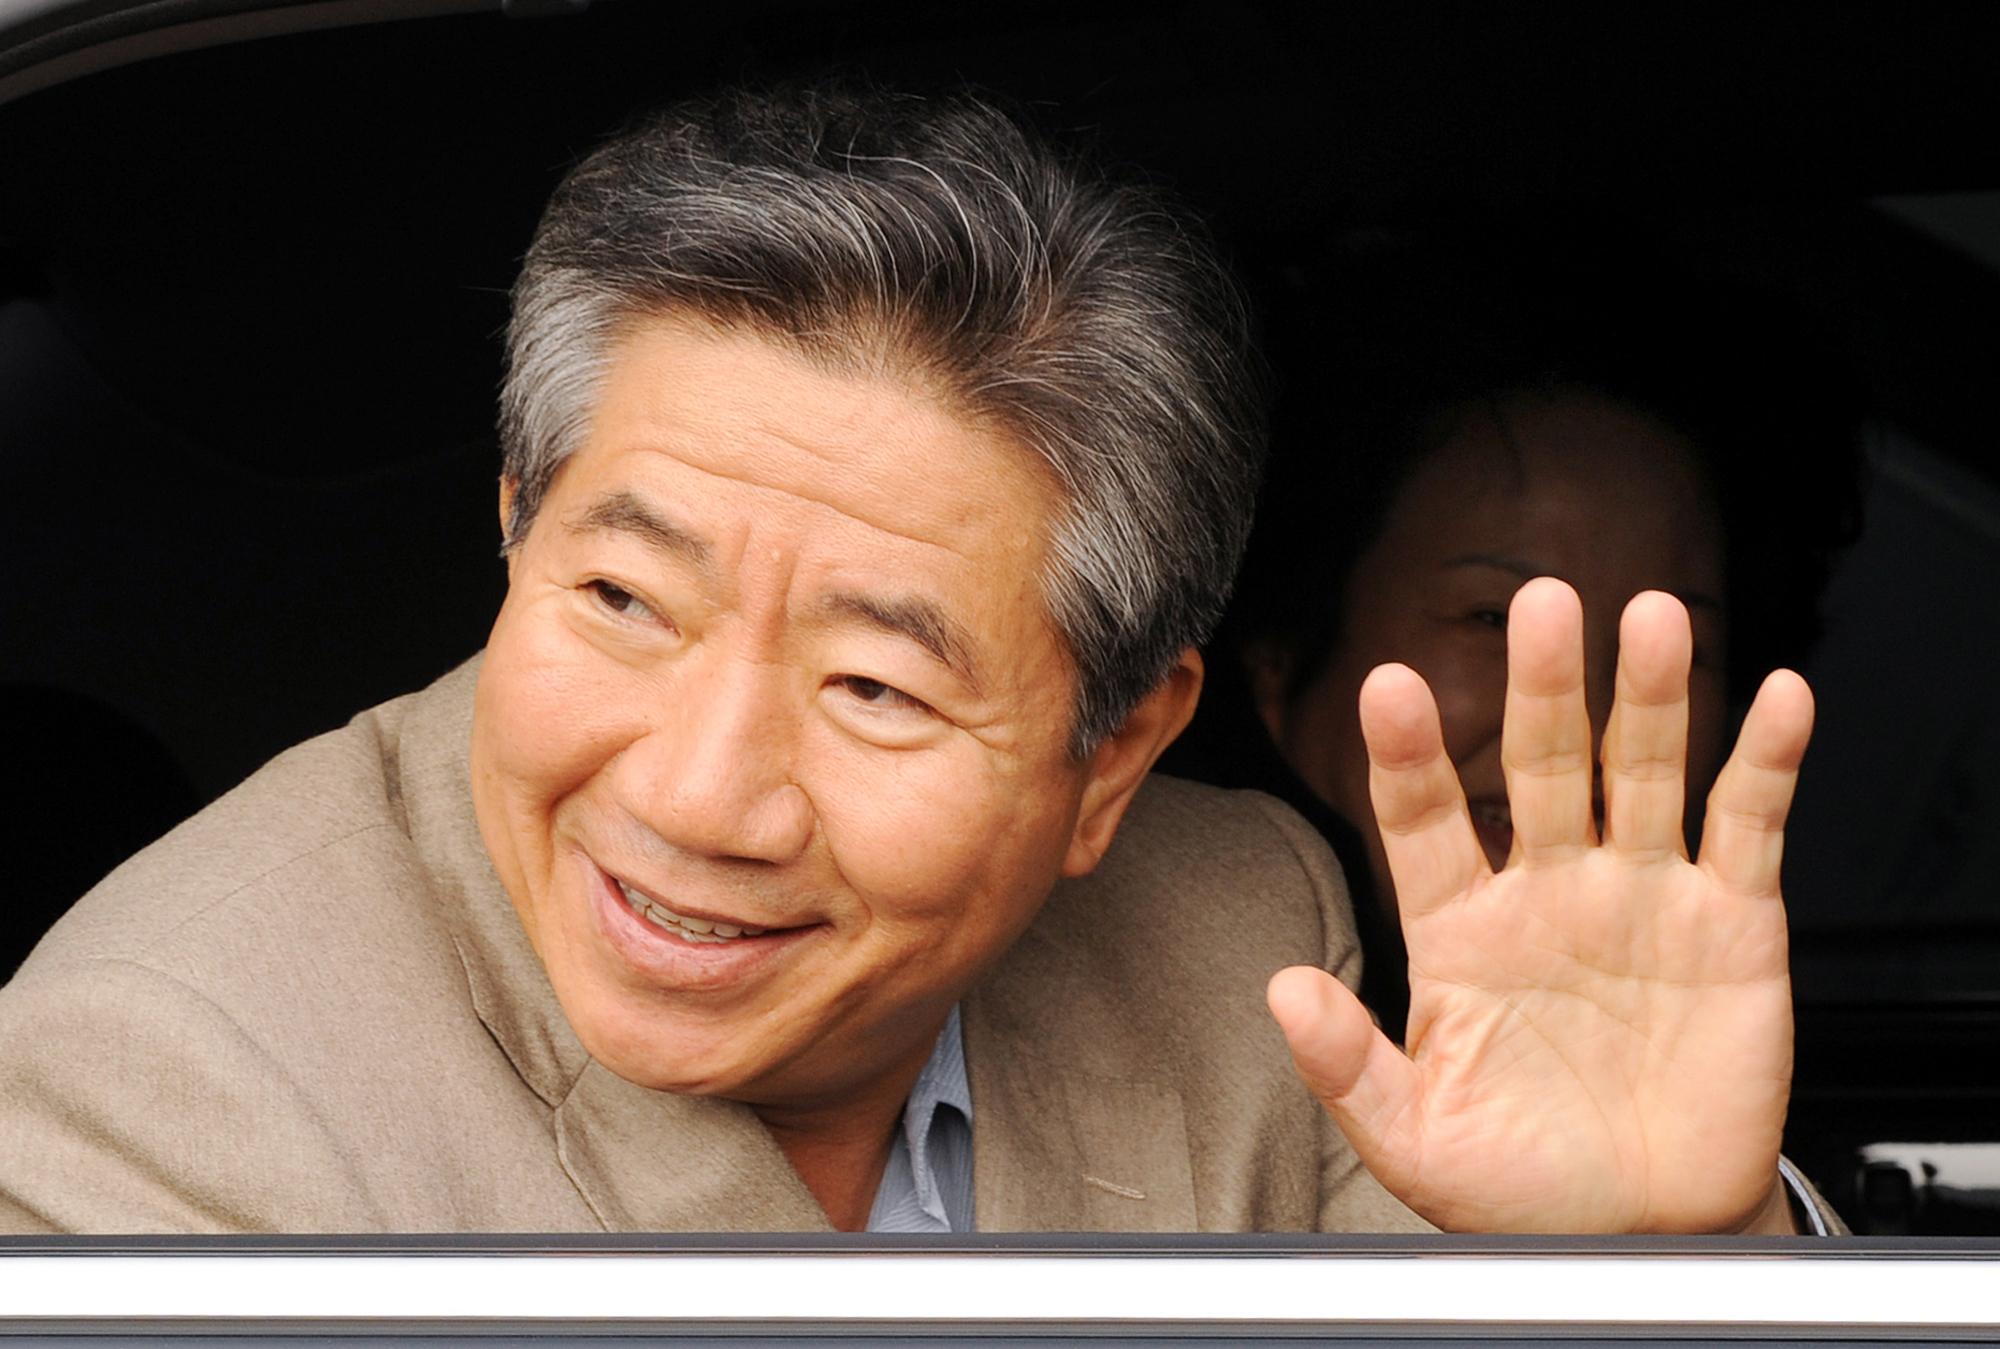 2008년 11월 25일 충남 논산을 민생탐방 차 방문했던 노무현 전 대통령. 김성태 프리랜서